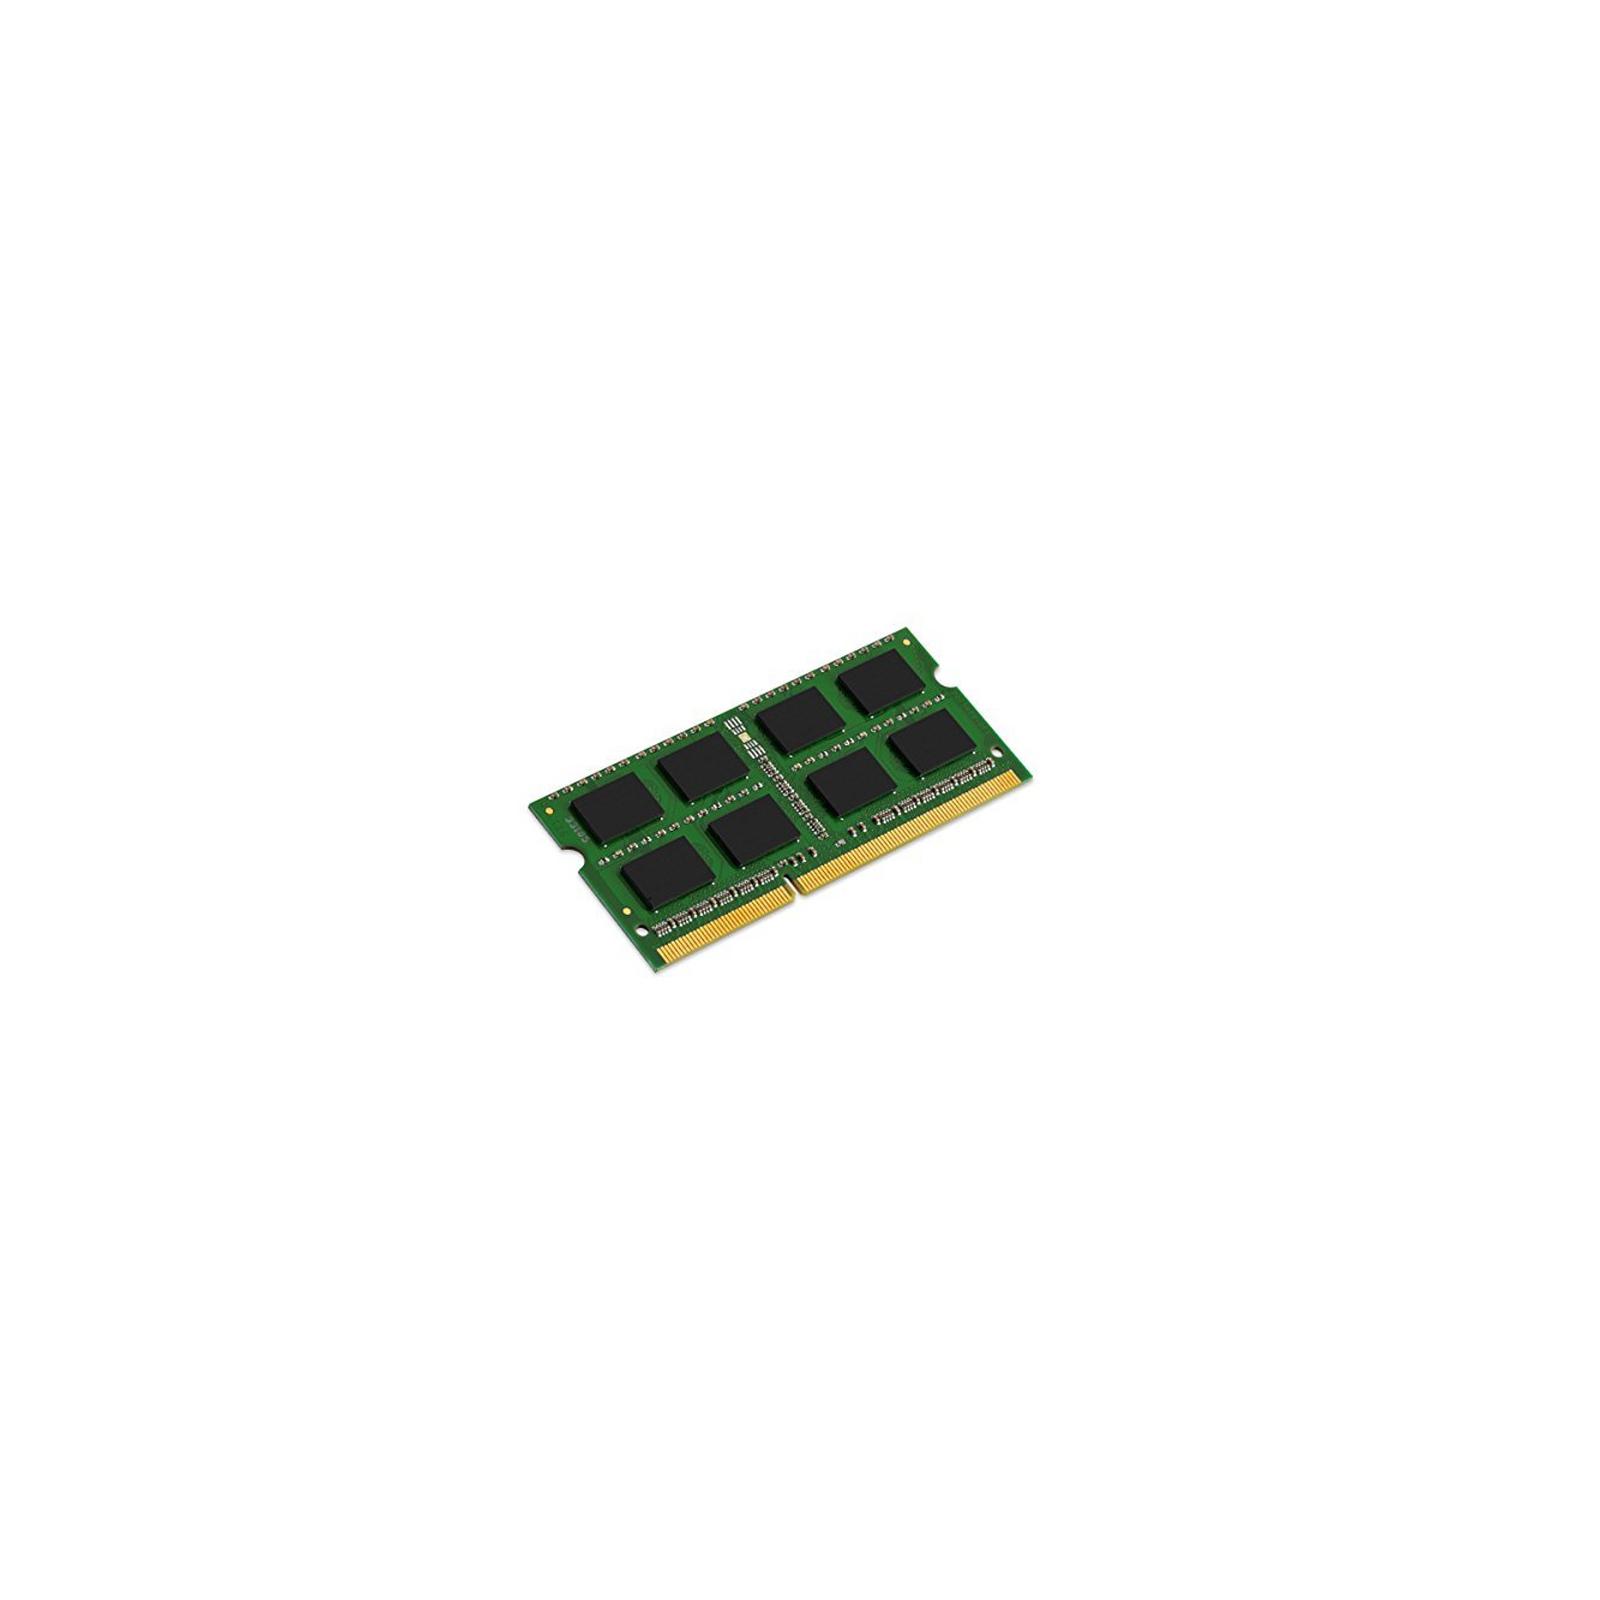 Модуль памяти для ноутбука SoDIMM DDR3 8GB 1600 MHz Kingston (KTD-L3CL/8G) изображение 2